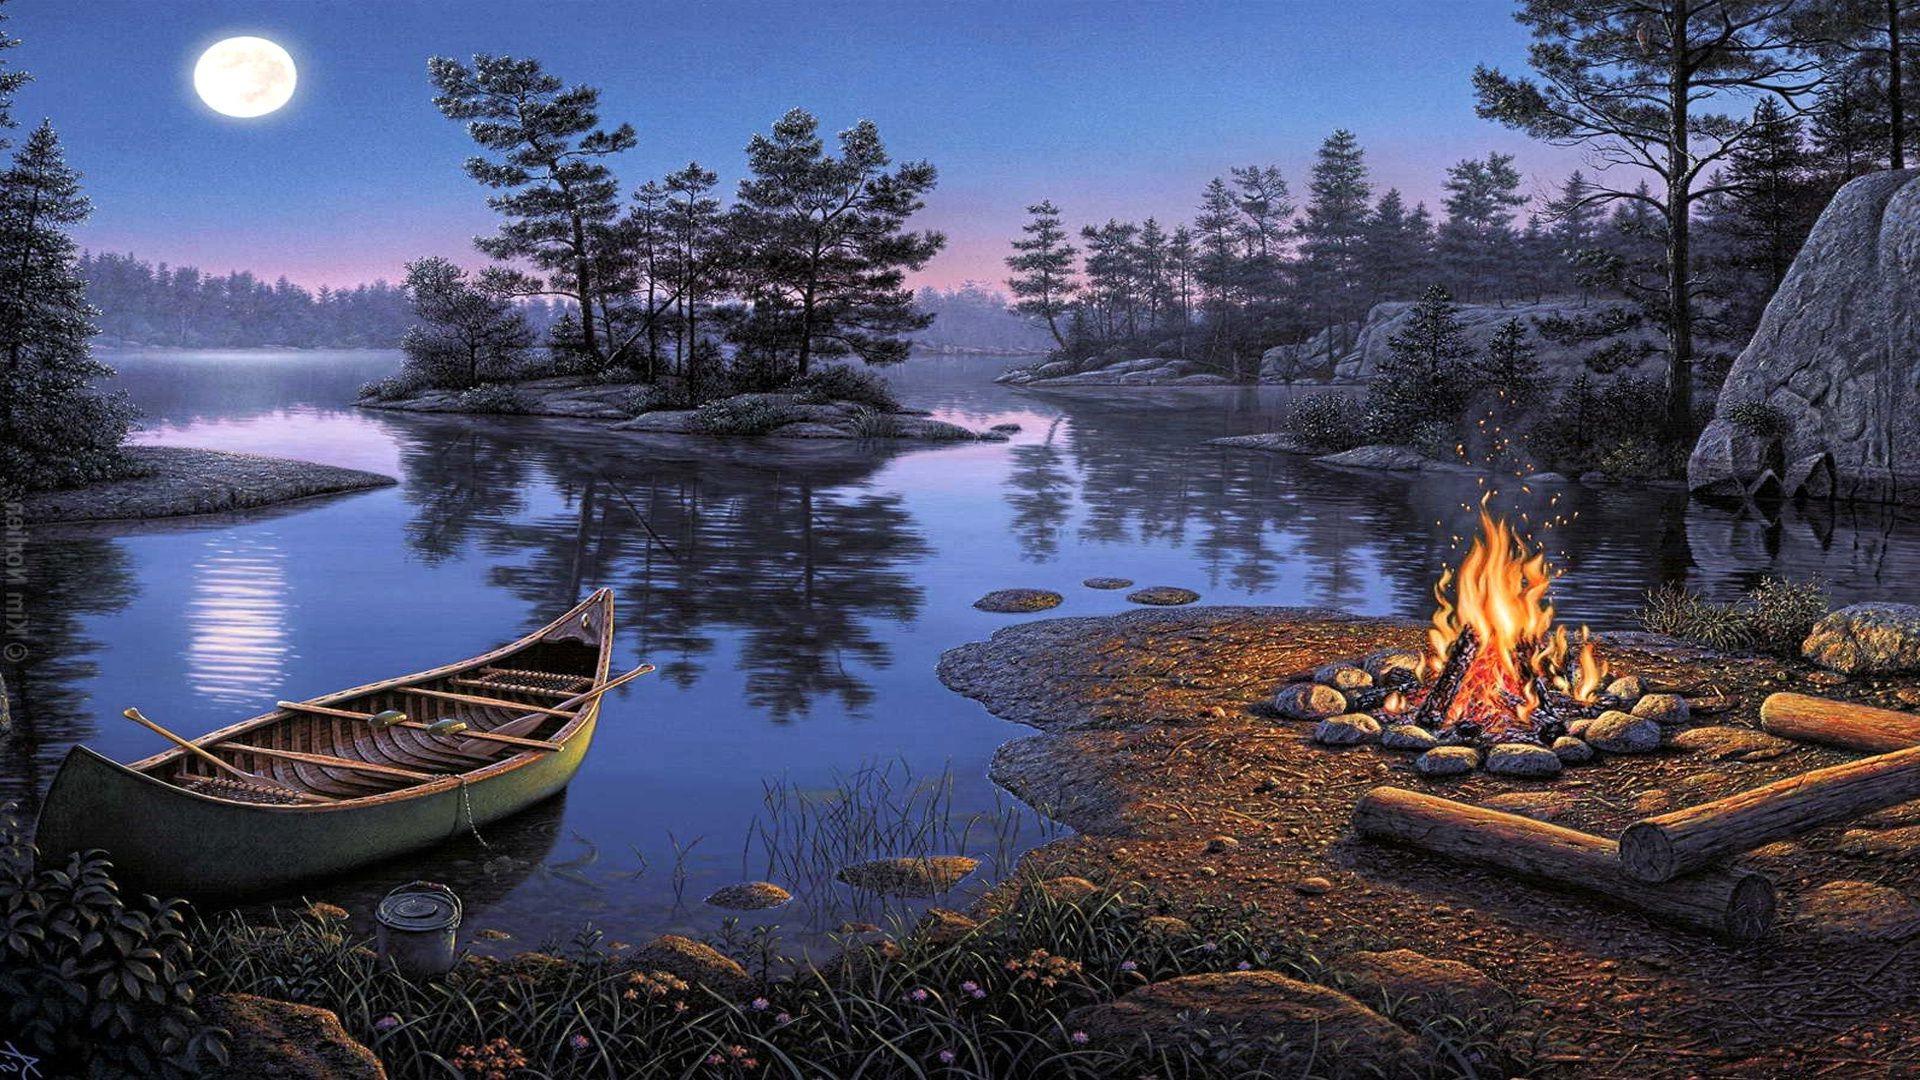 берег лодка озеро без смс